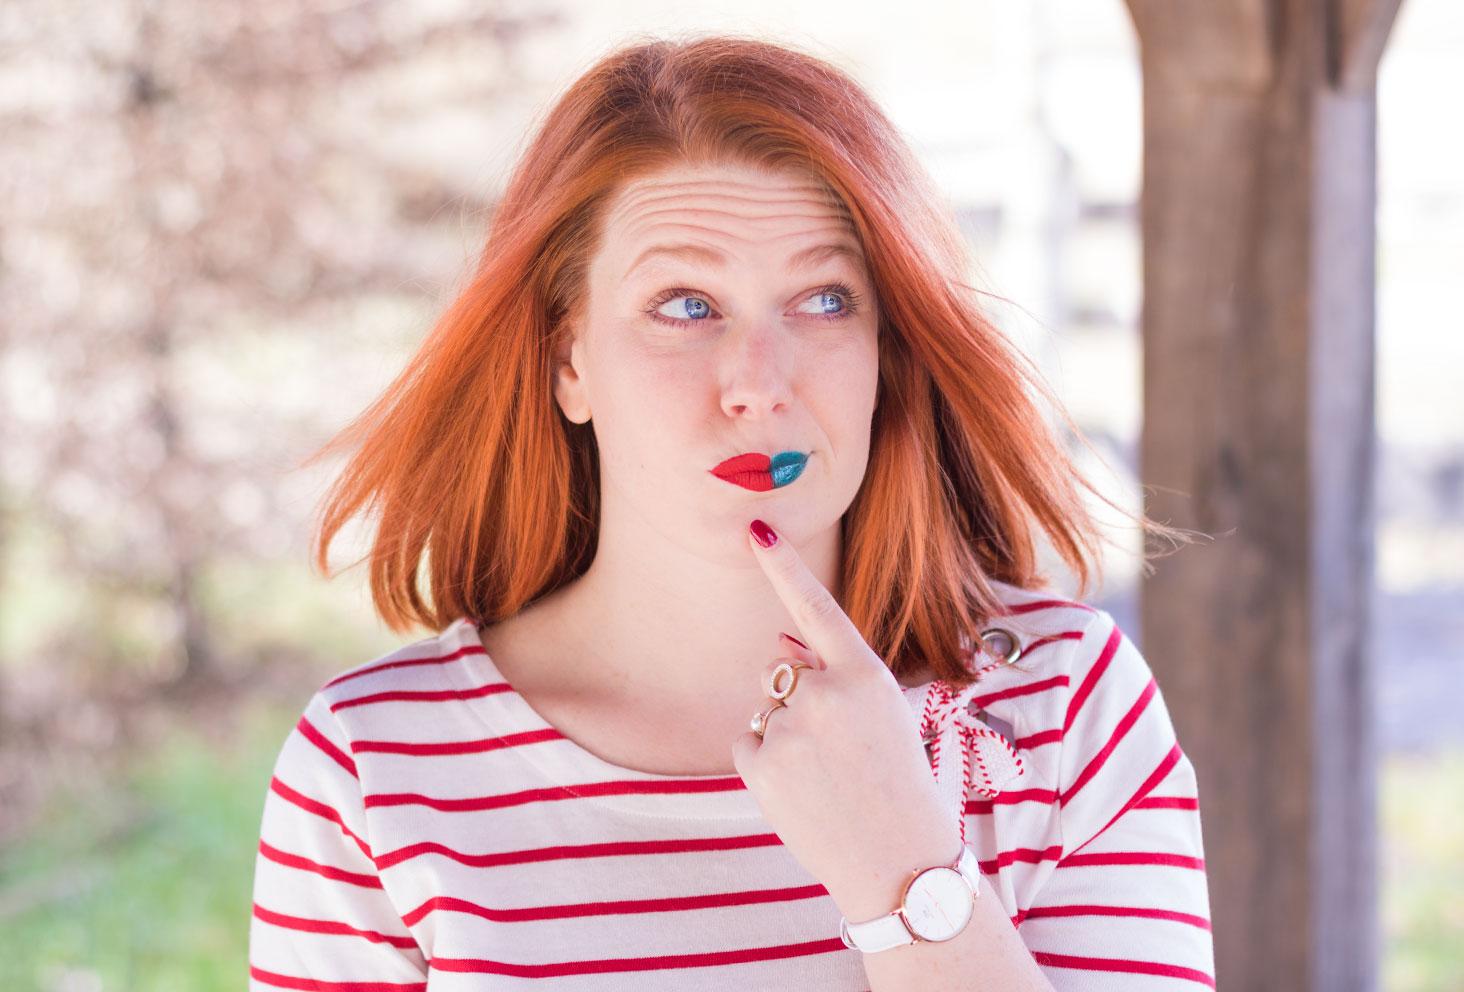 En pleine réflexion le doigt sur le menton dans une marinière rouge et un rouge à lèvres bicolore rouge et bleu, pour le nouveau problème : l'indécision